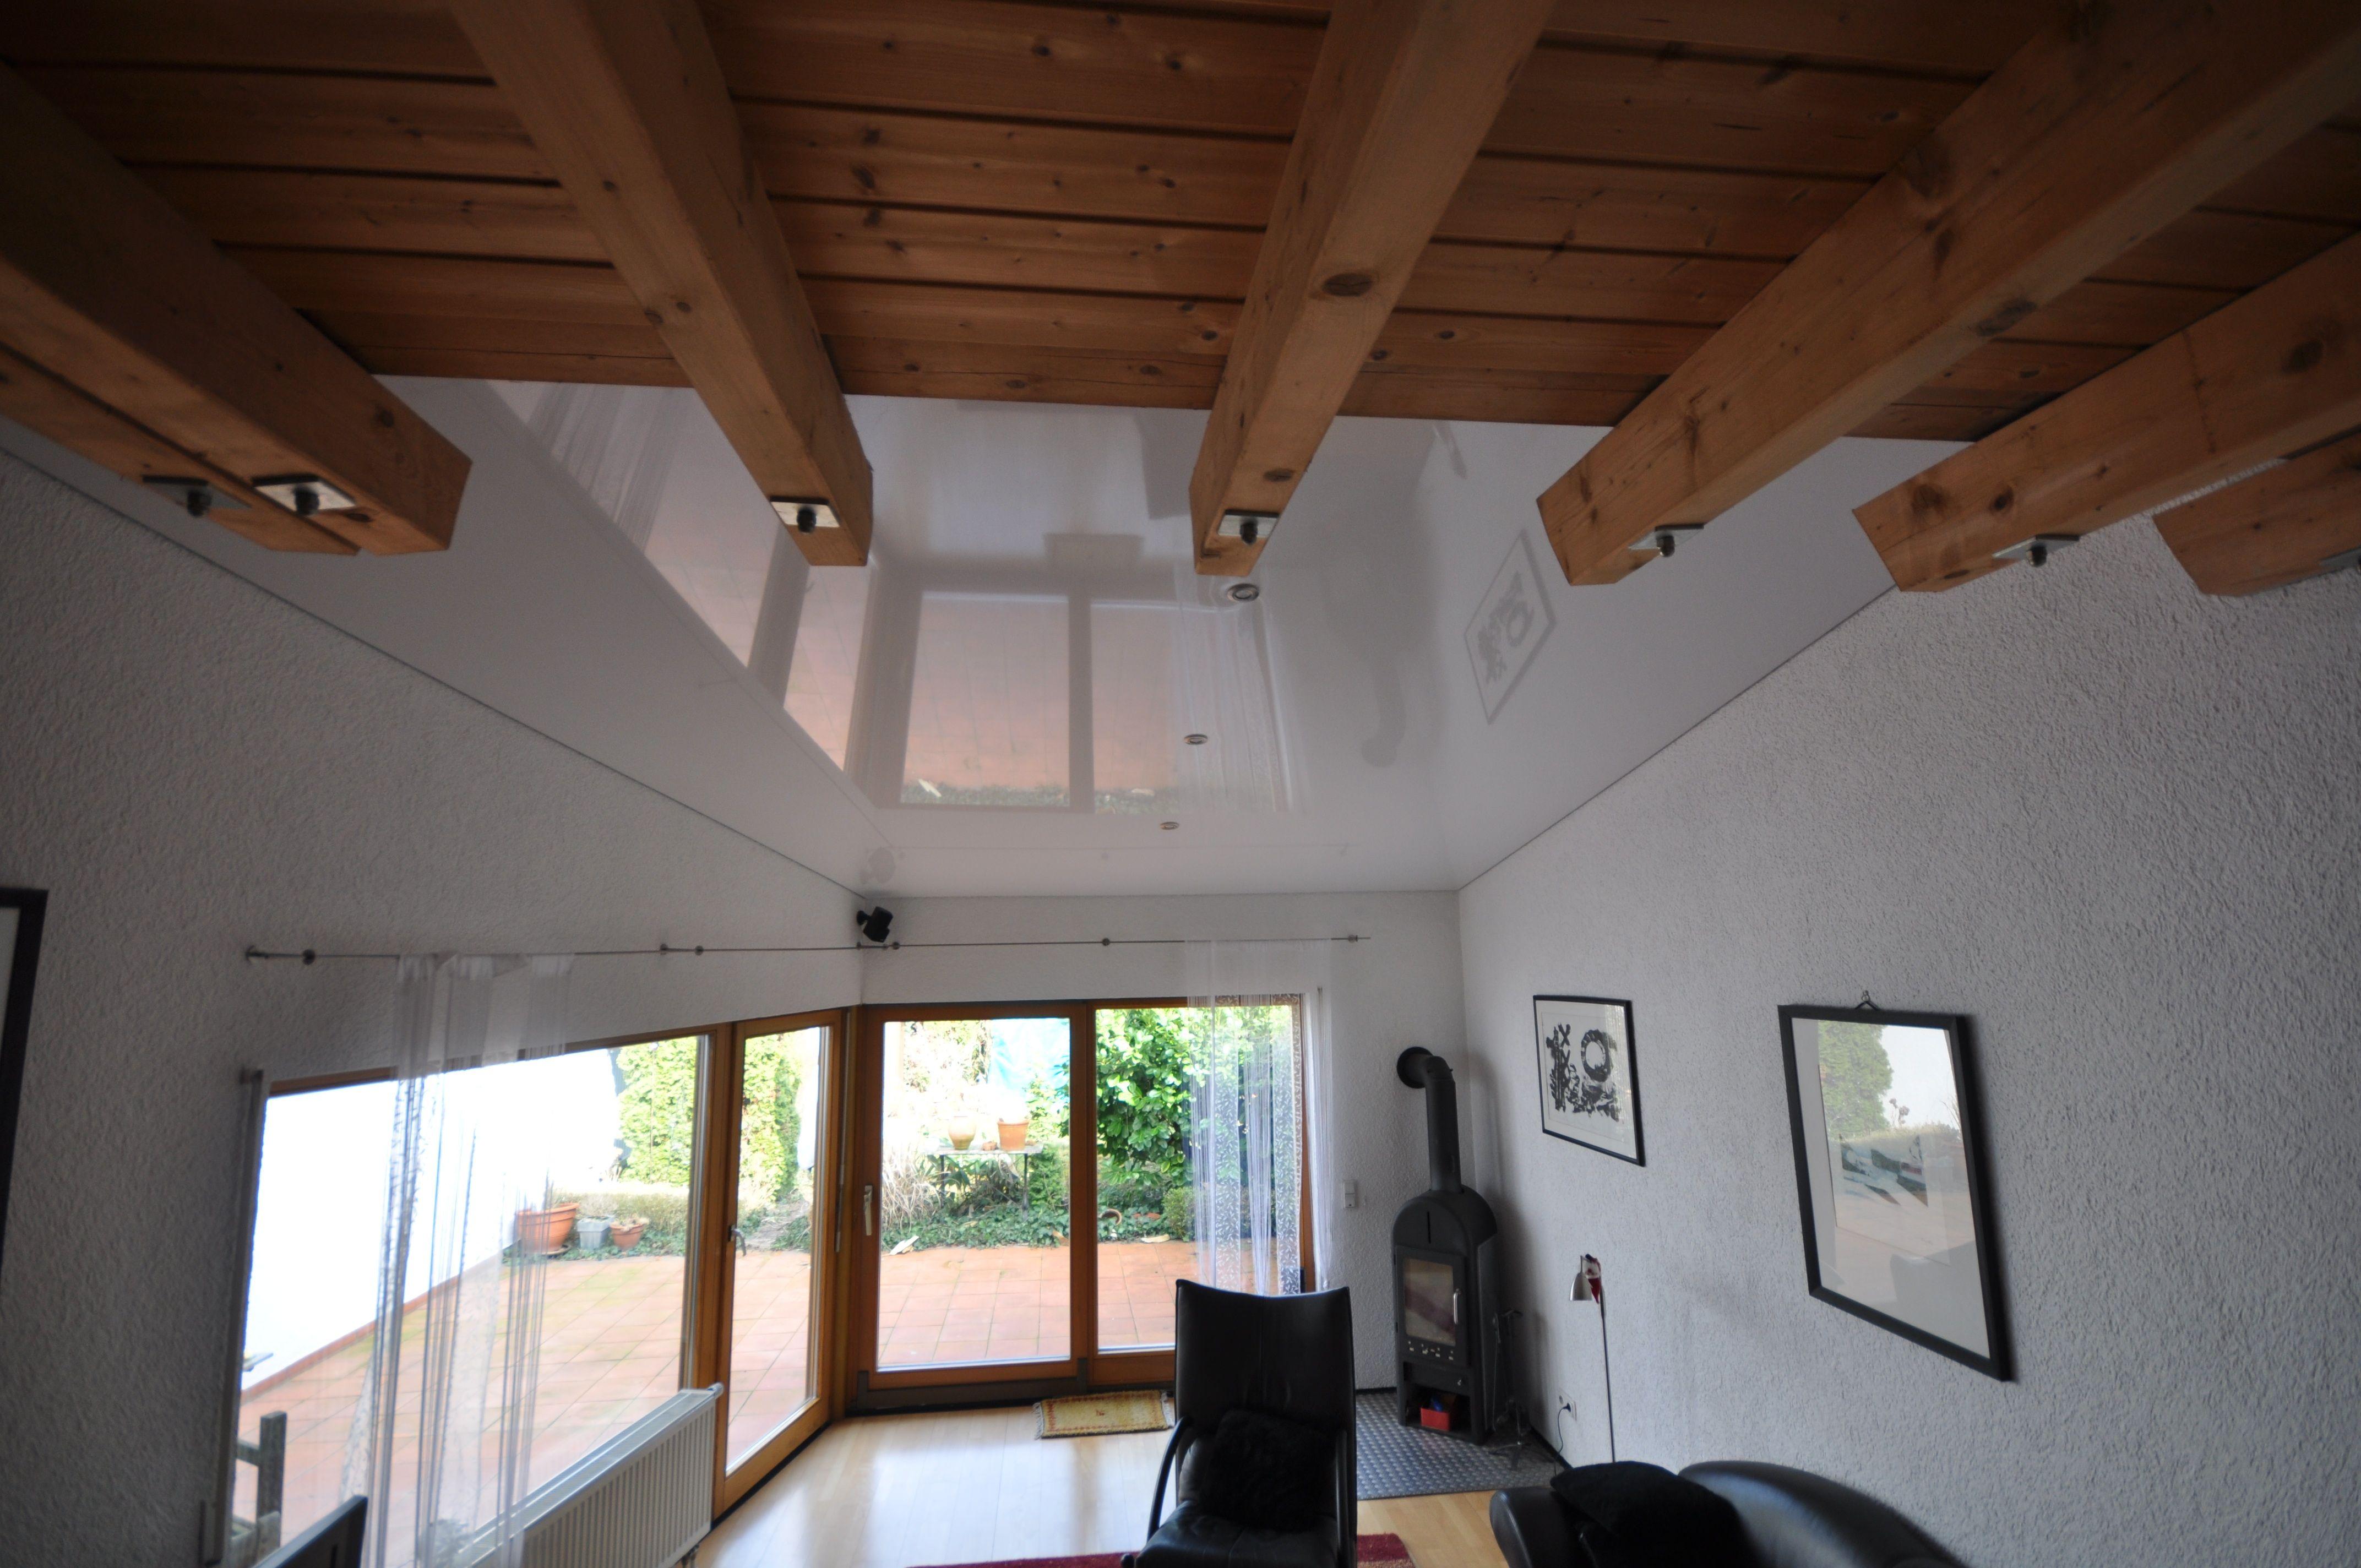 Spanndecke weiß Hochglanz im Wohnzimmer #wohnzimmer#decke#renovieren ...